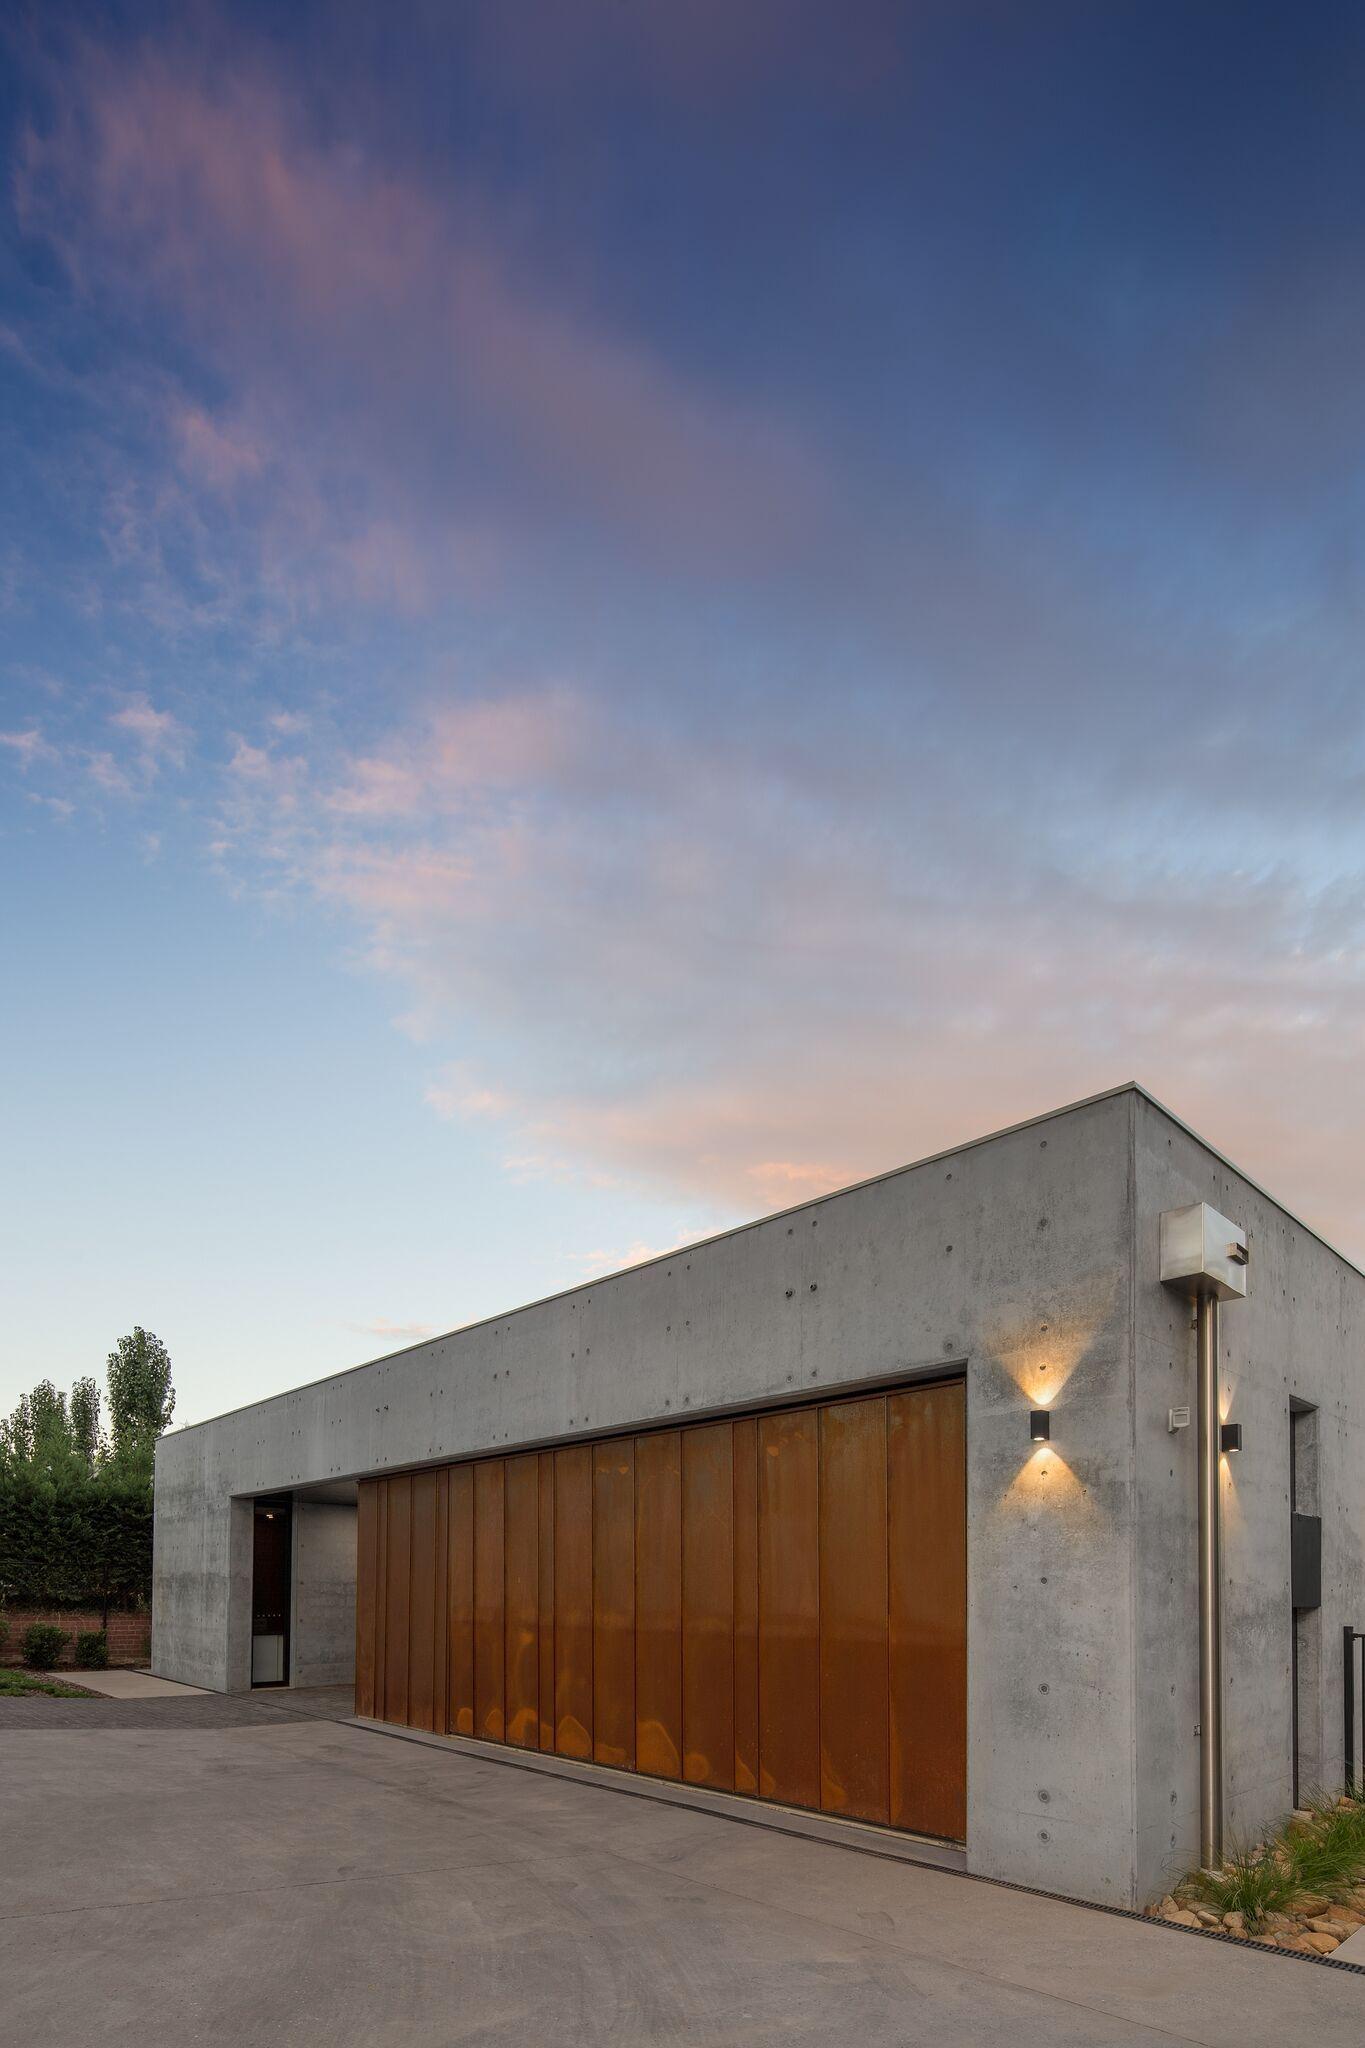 Corten Garage And Concrete More Kubus Haus Architektur Garage Beleuchtung